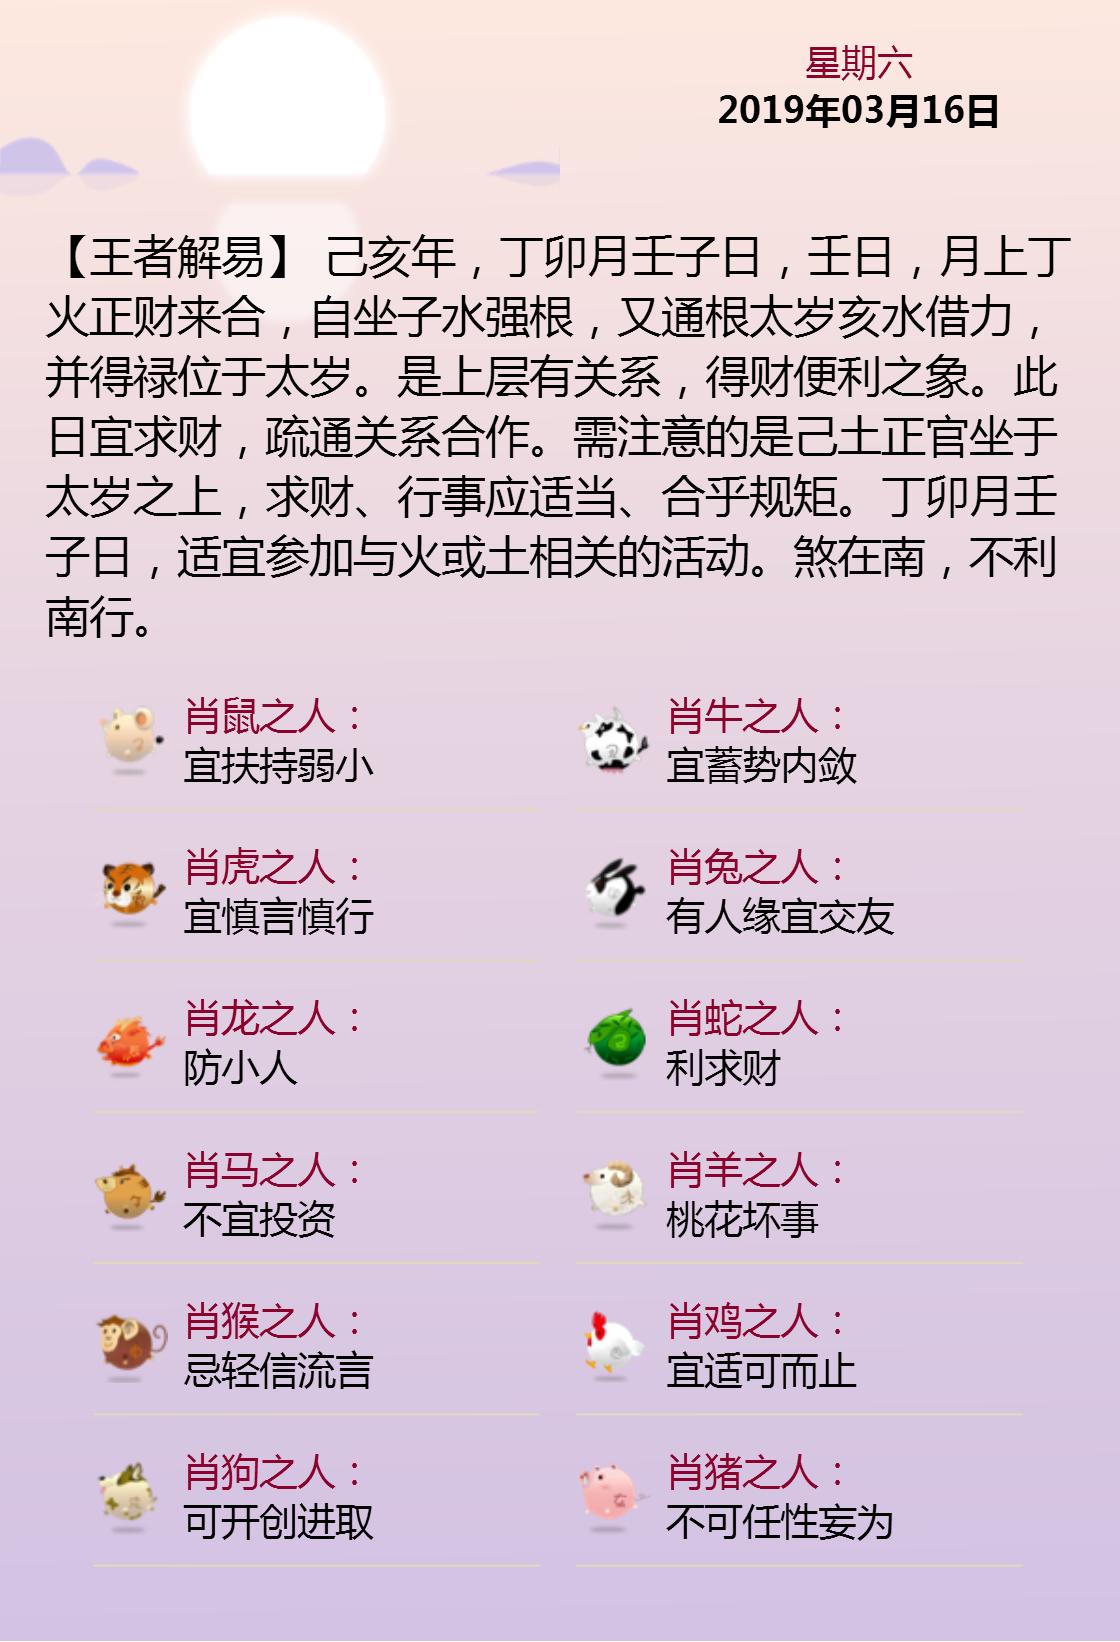 黄历海报20190316.png